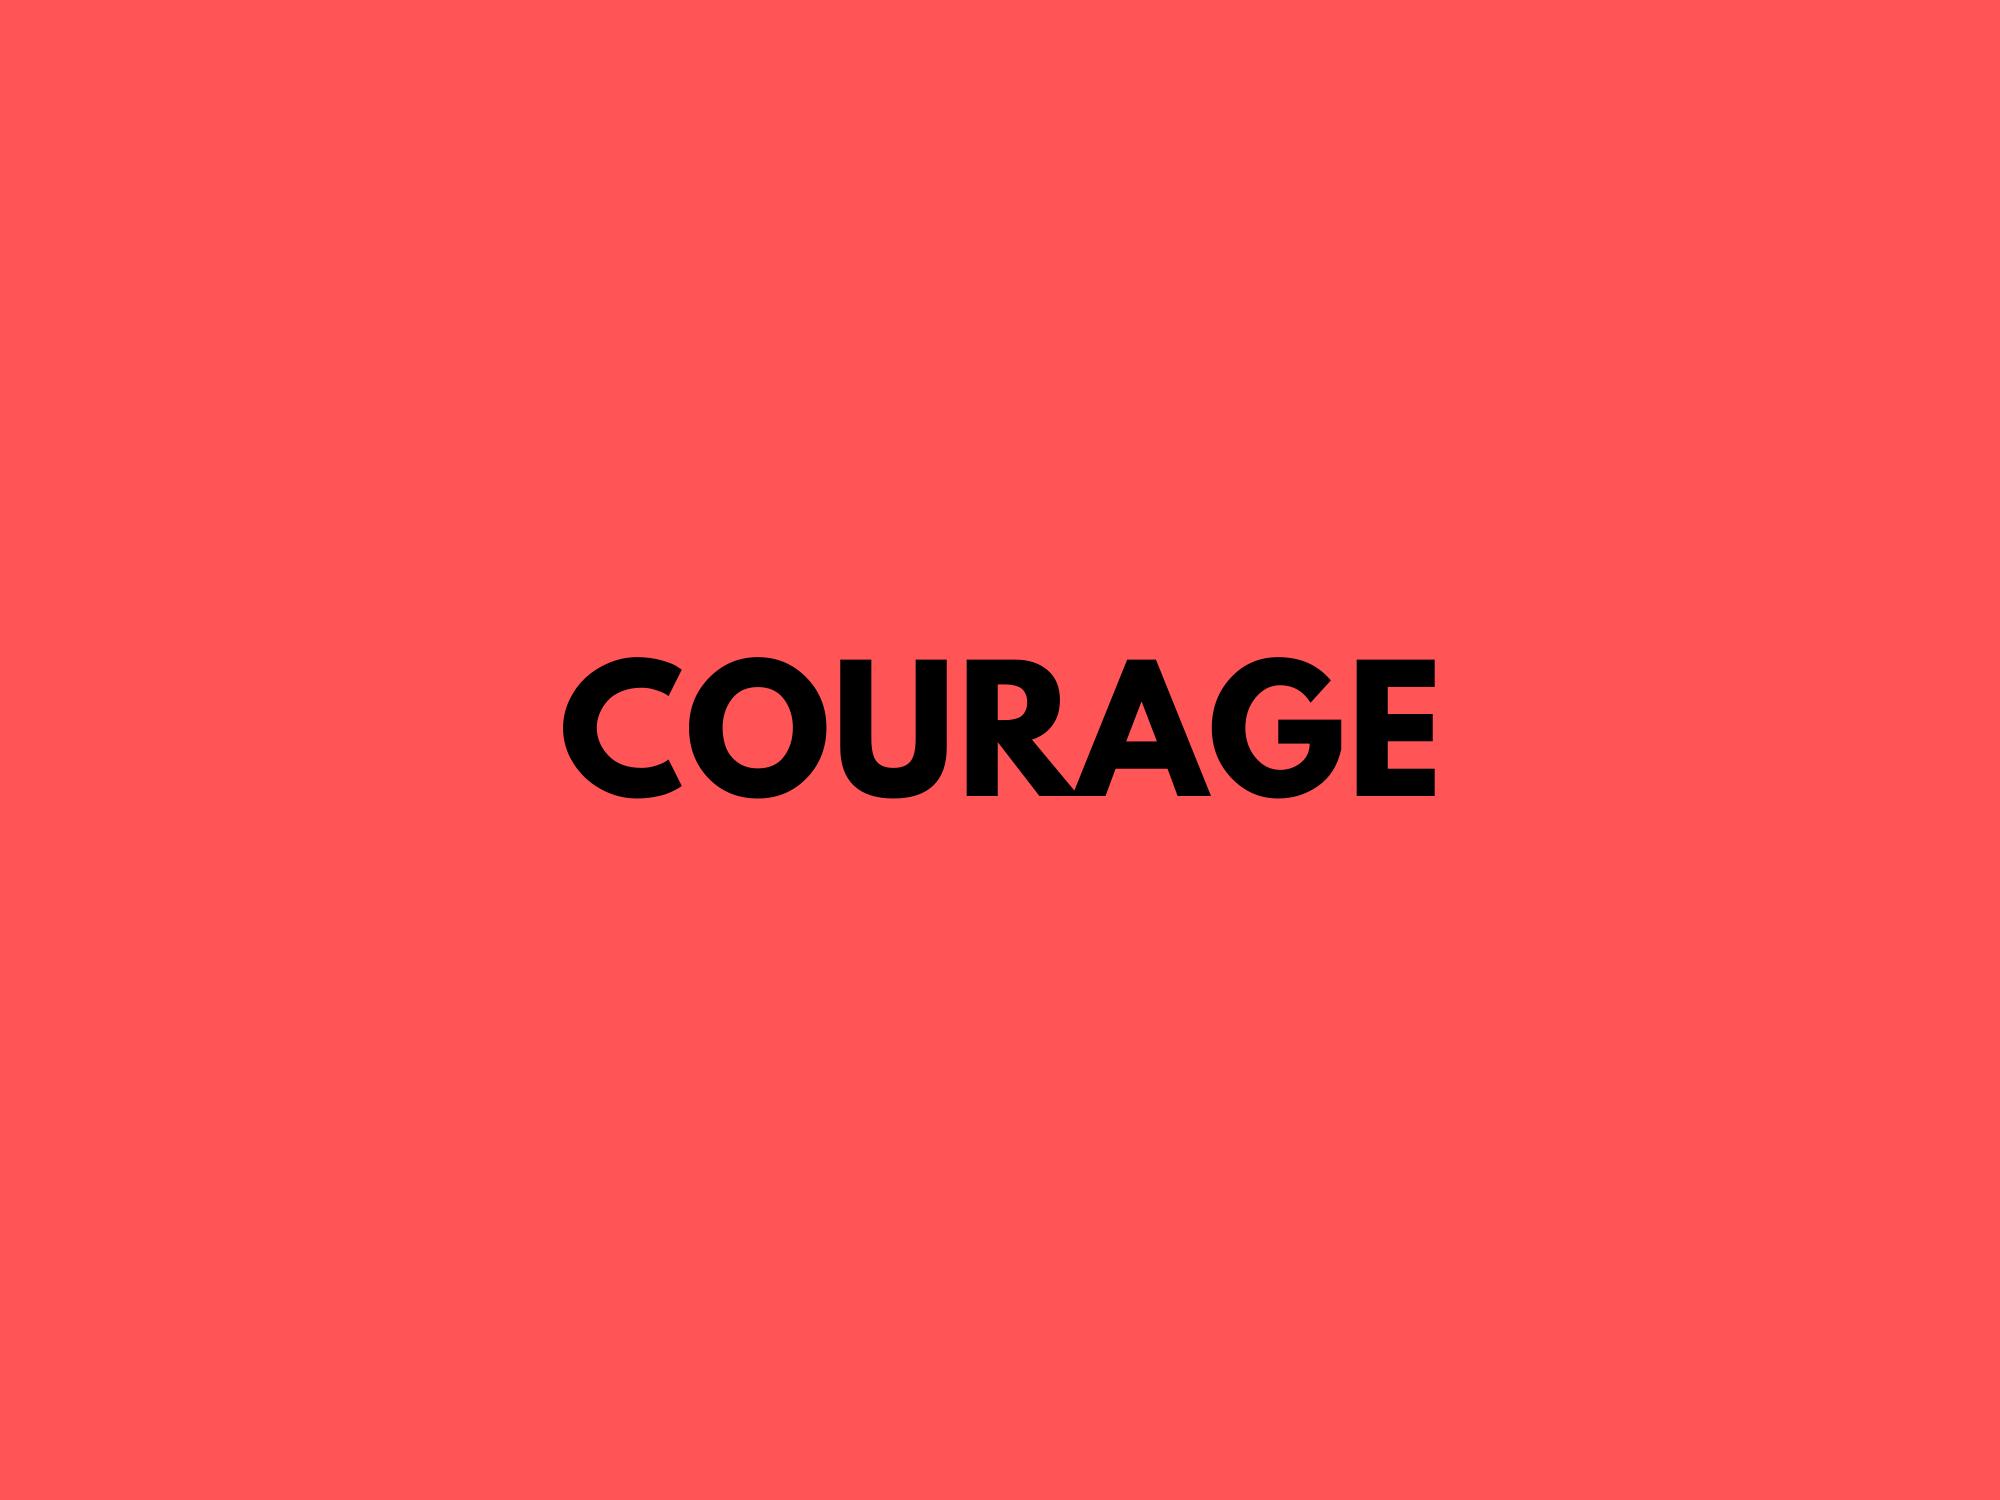 #1. Le courage, c'est de la peur transformée en action.